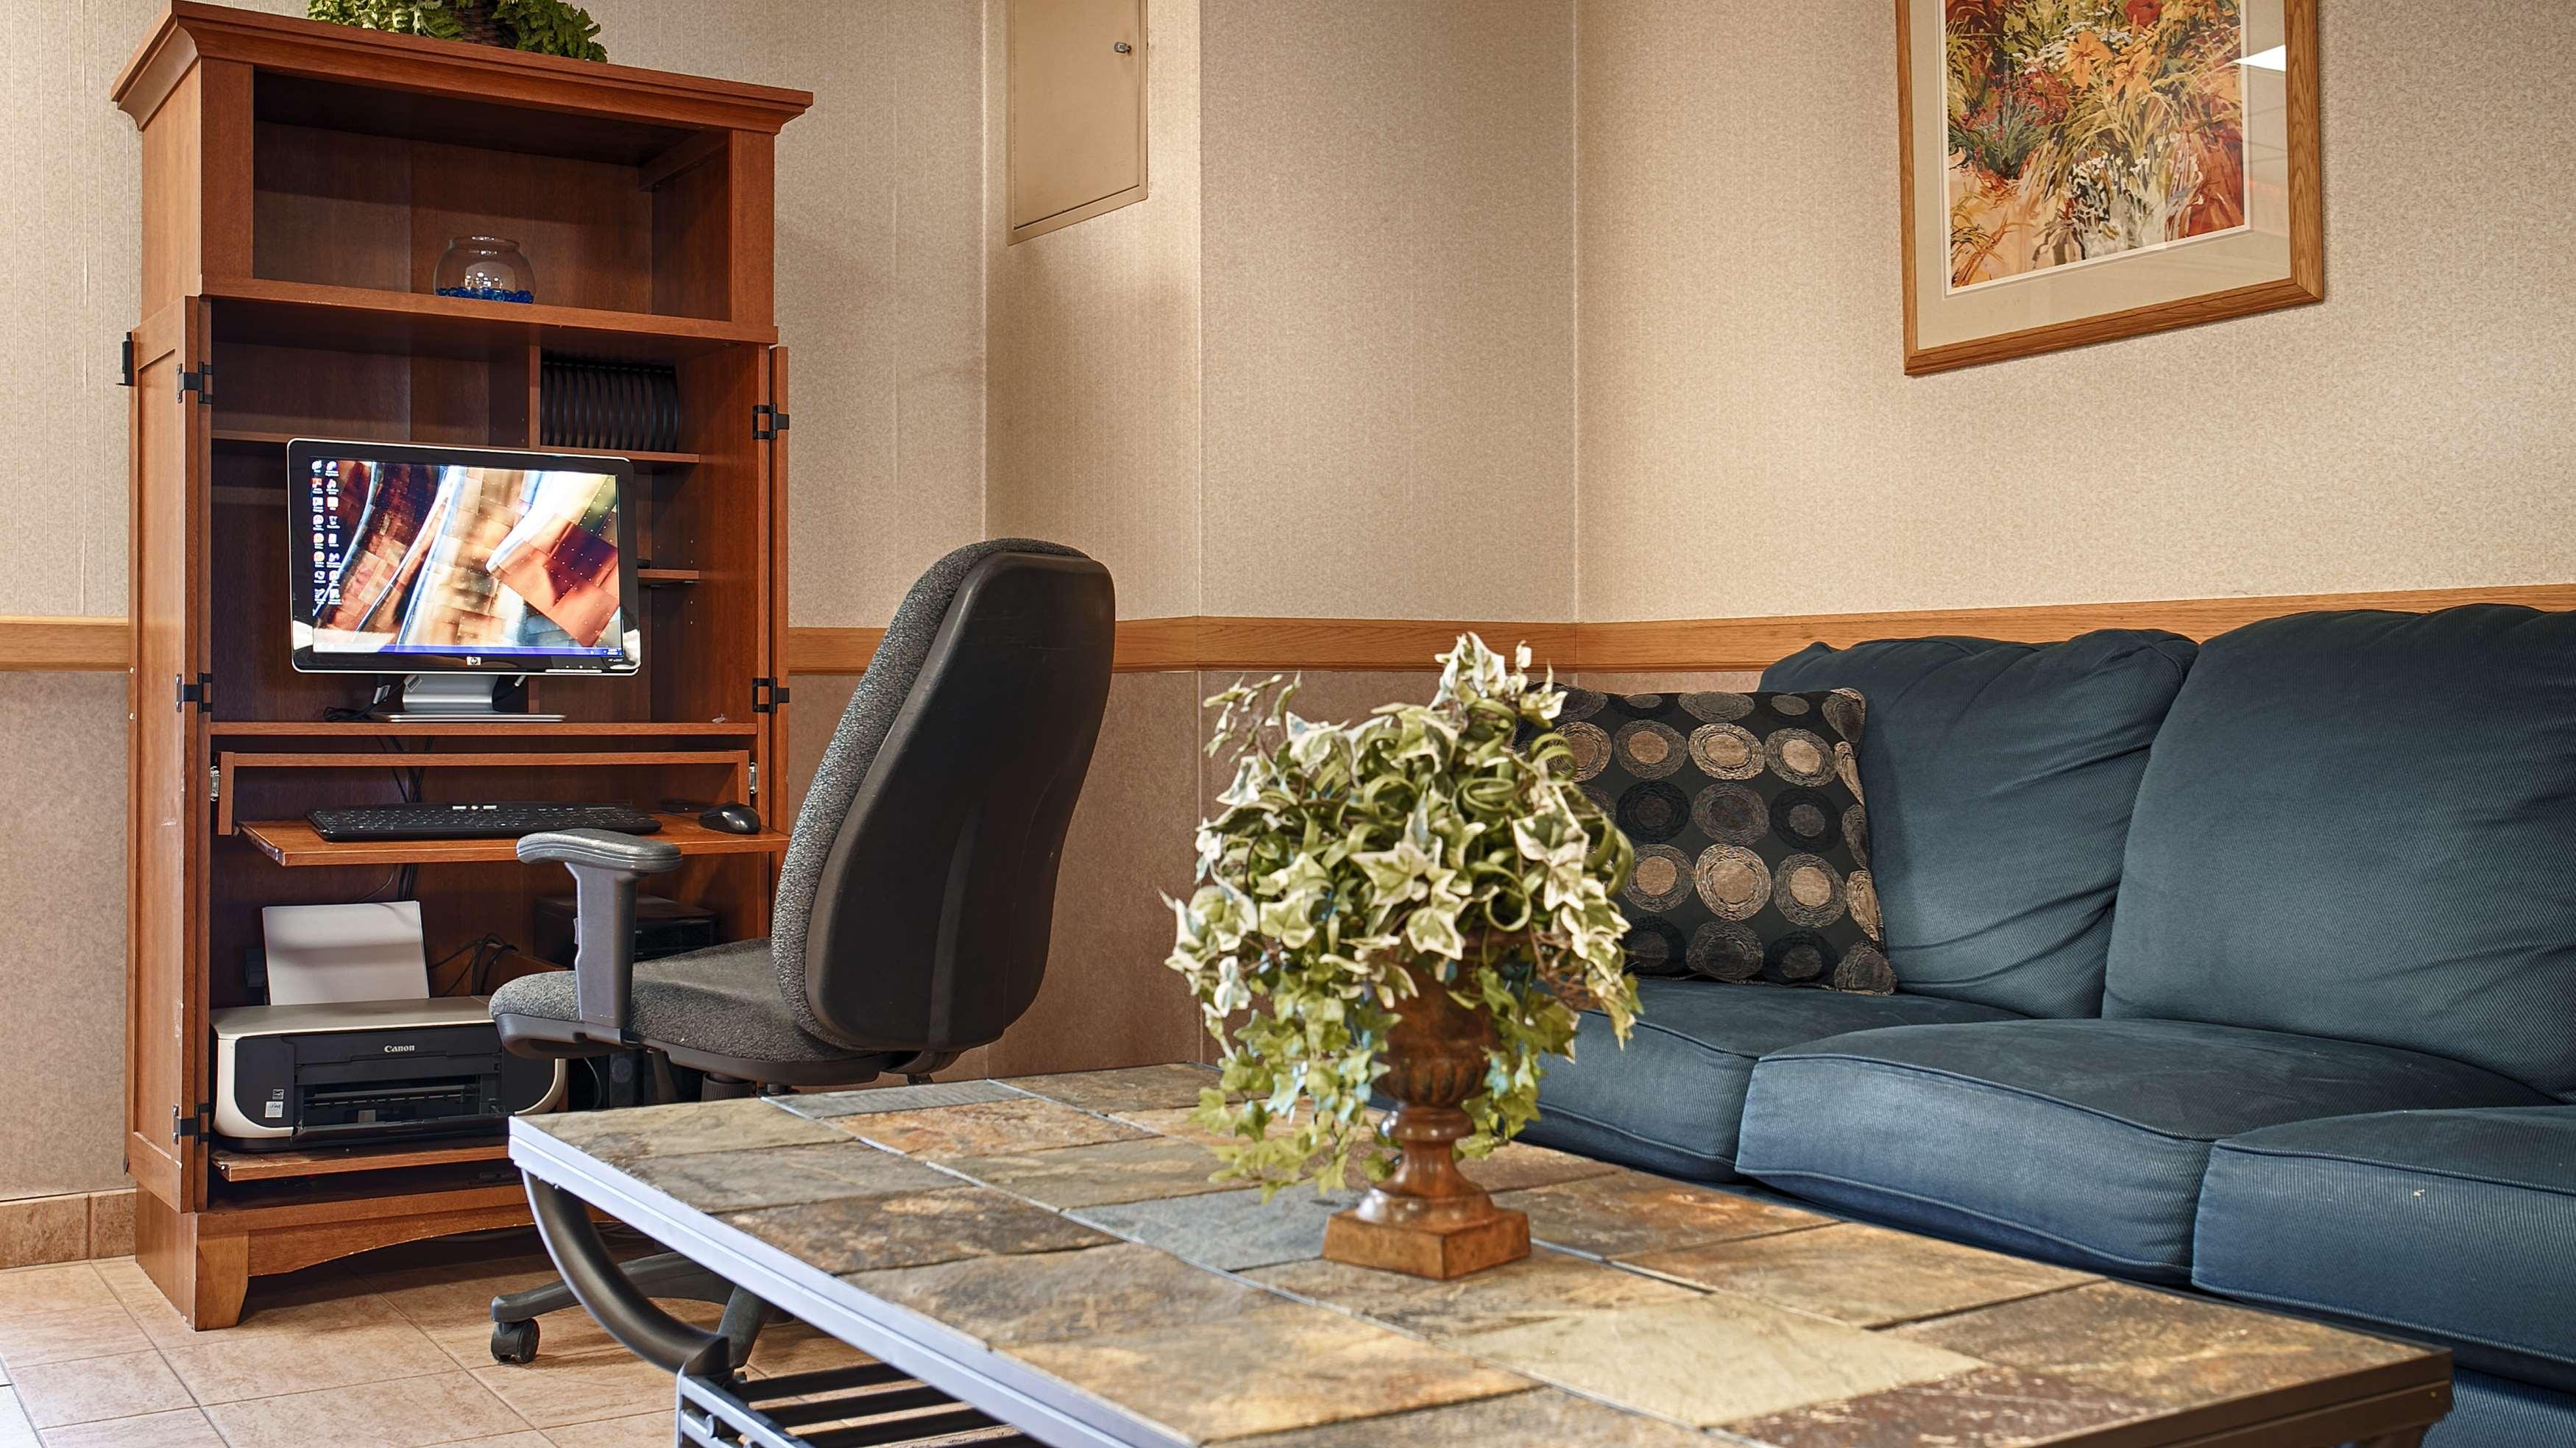 Best Western Inn at Blakeslee-Pocono image 6